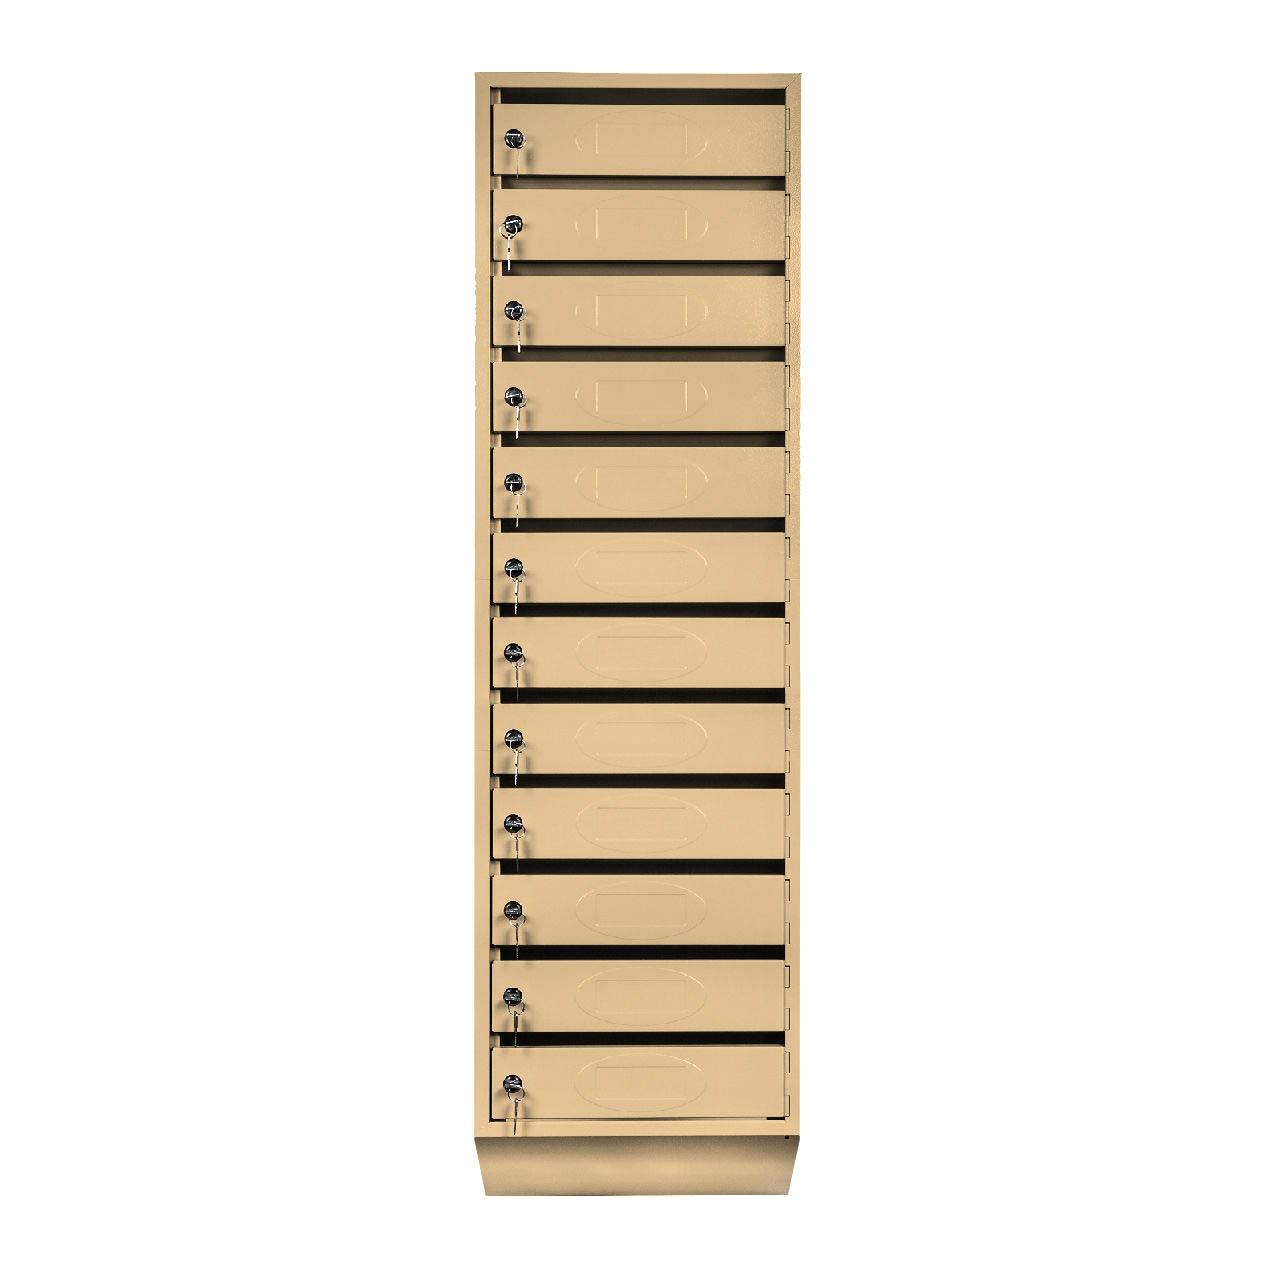 Почтовый ящик Стандарт 12-ти секционный ЯПР - 12